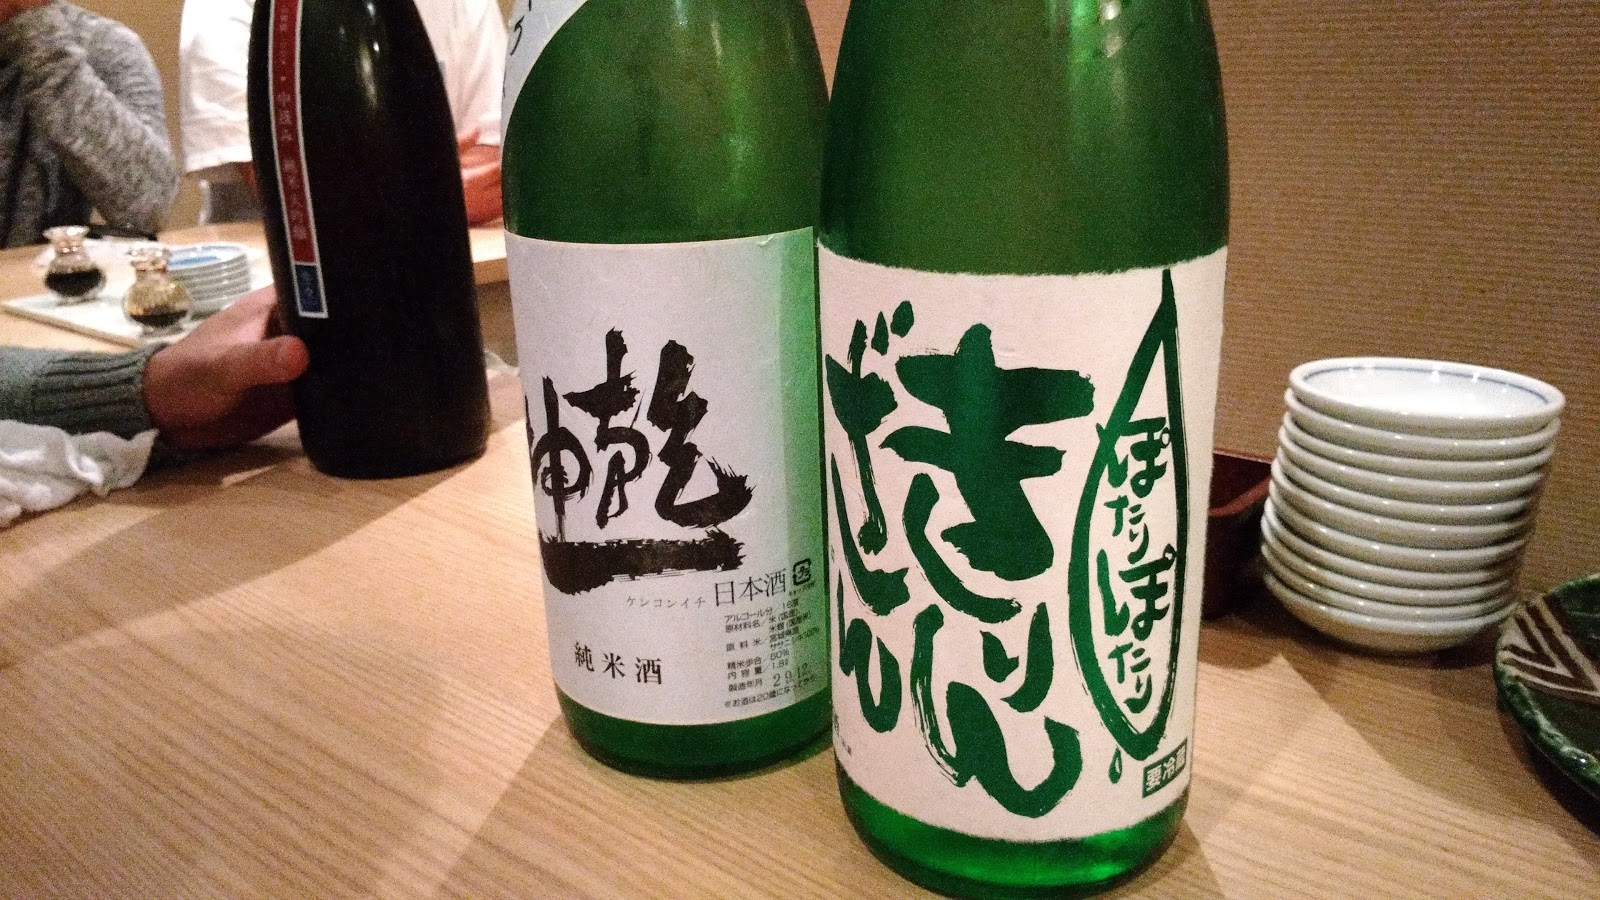 お友達から誘われて長崎から熊本へ忘年会のためだけにノープランで行ってみた!